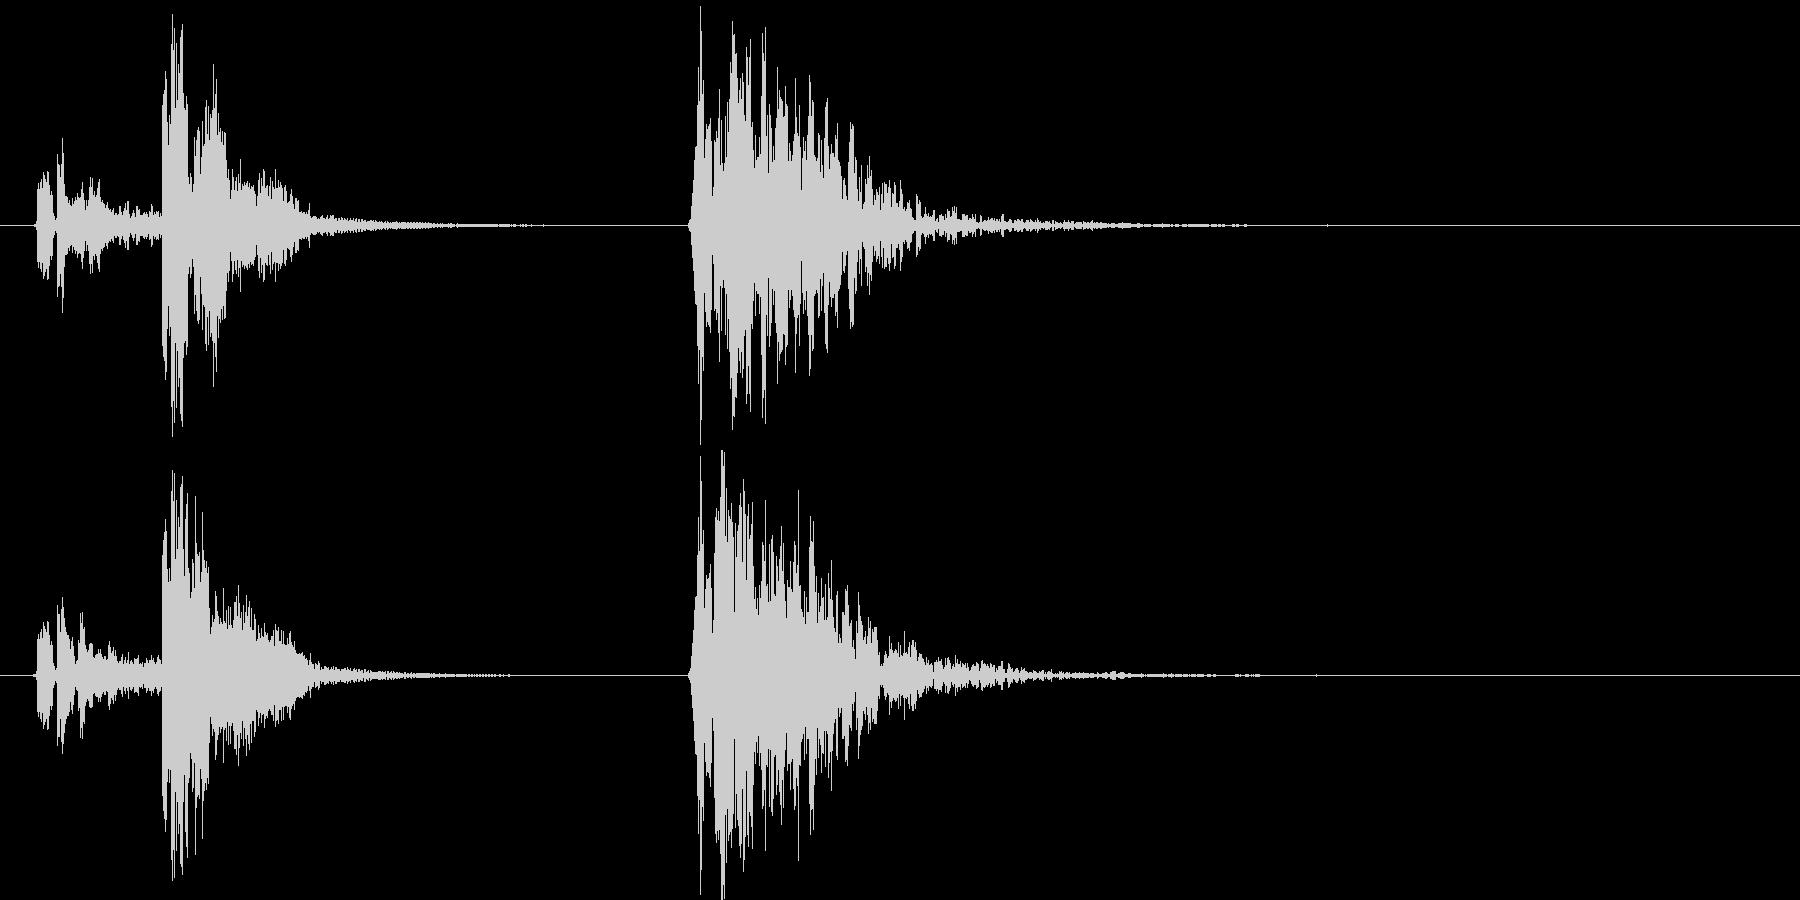 コルク栓やスクリューキャップを抜く音06の未再生の波形